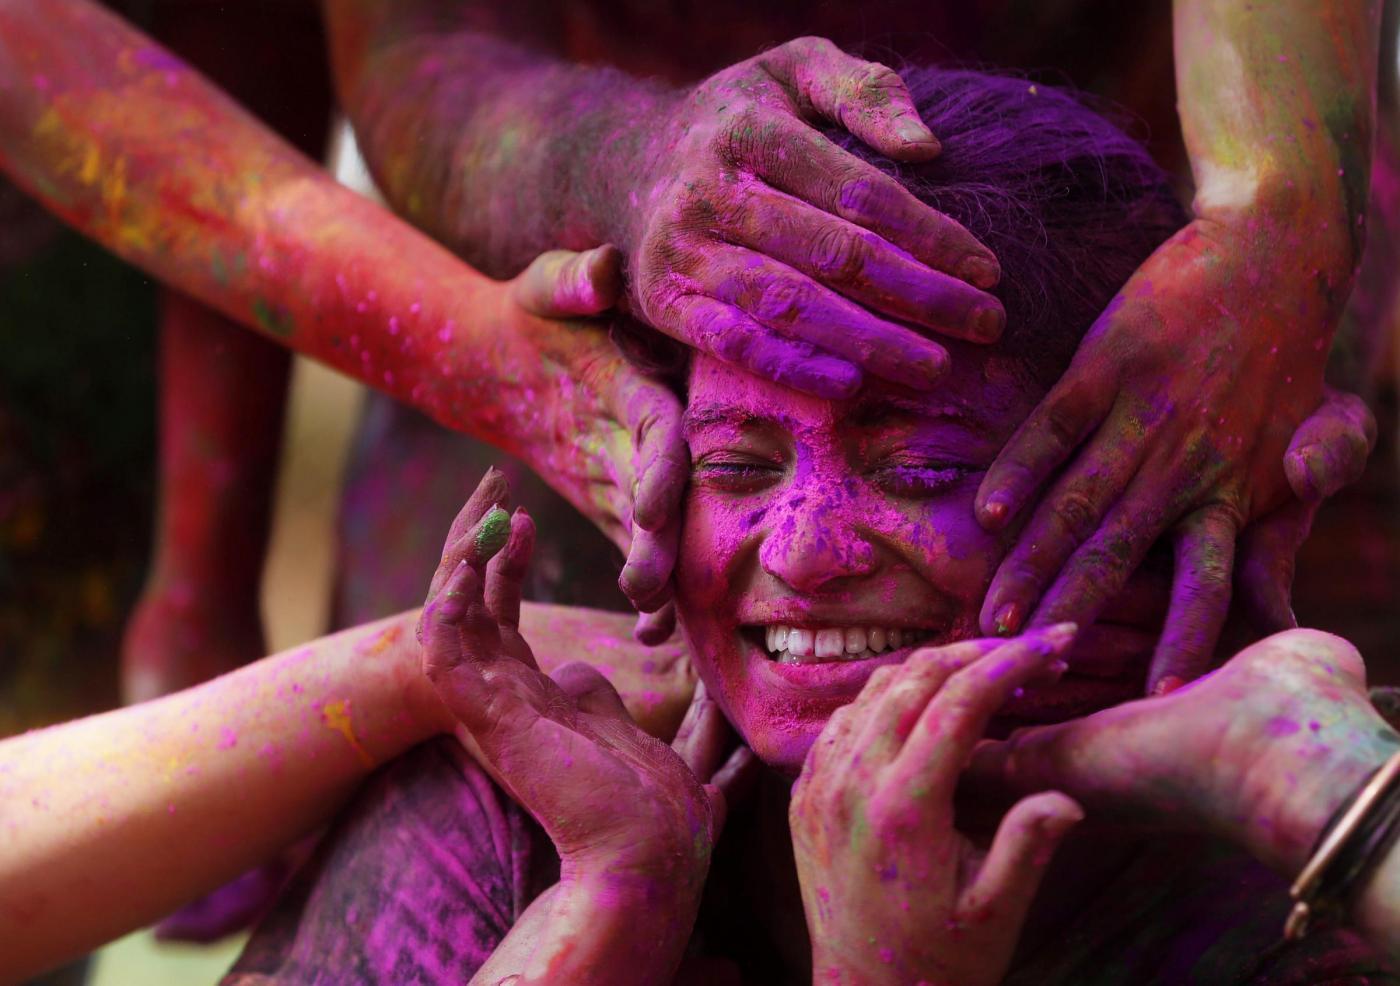 India festeggiamenti colorati durante Holi festival